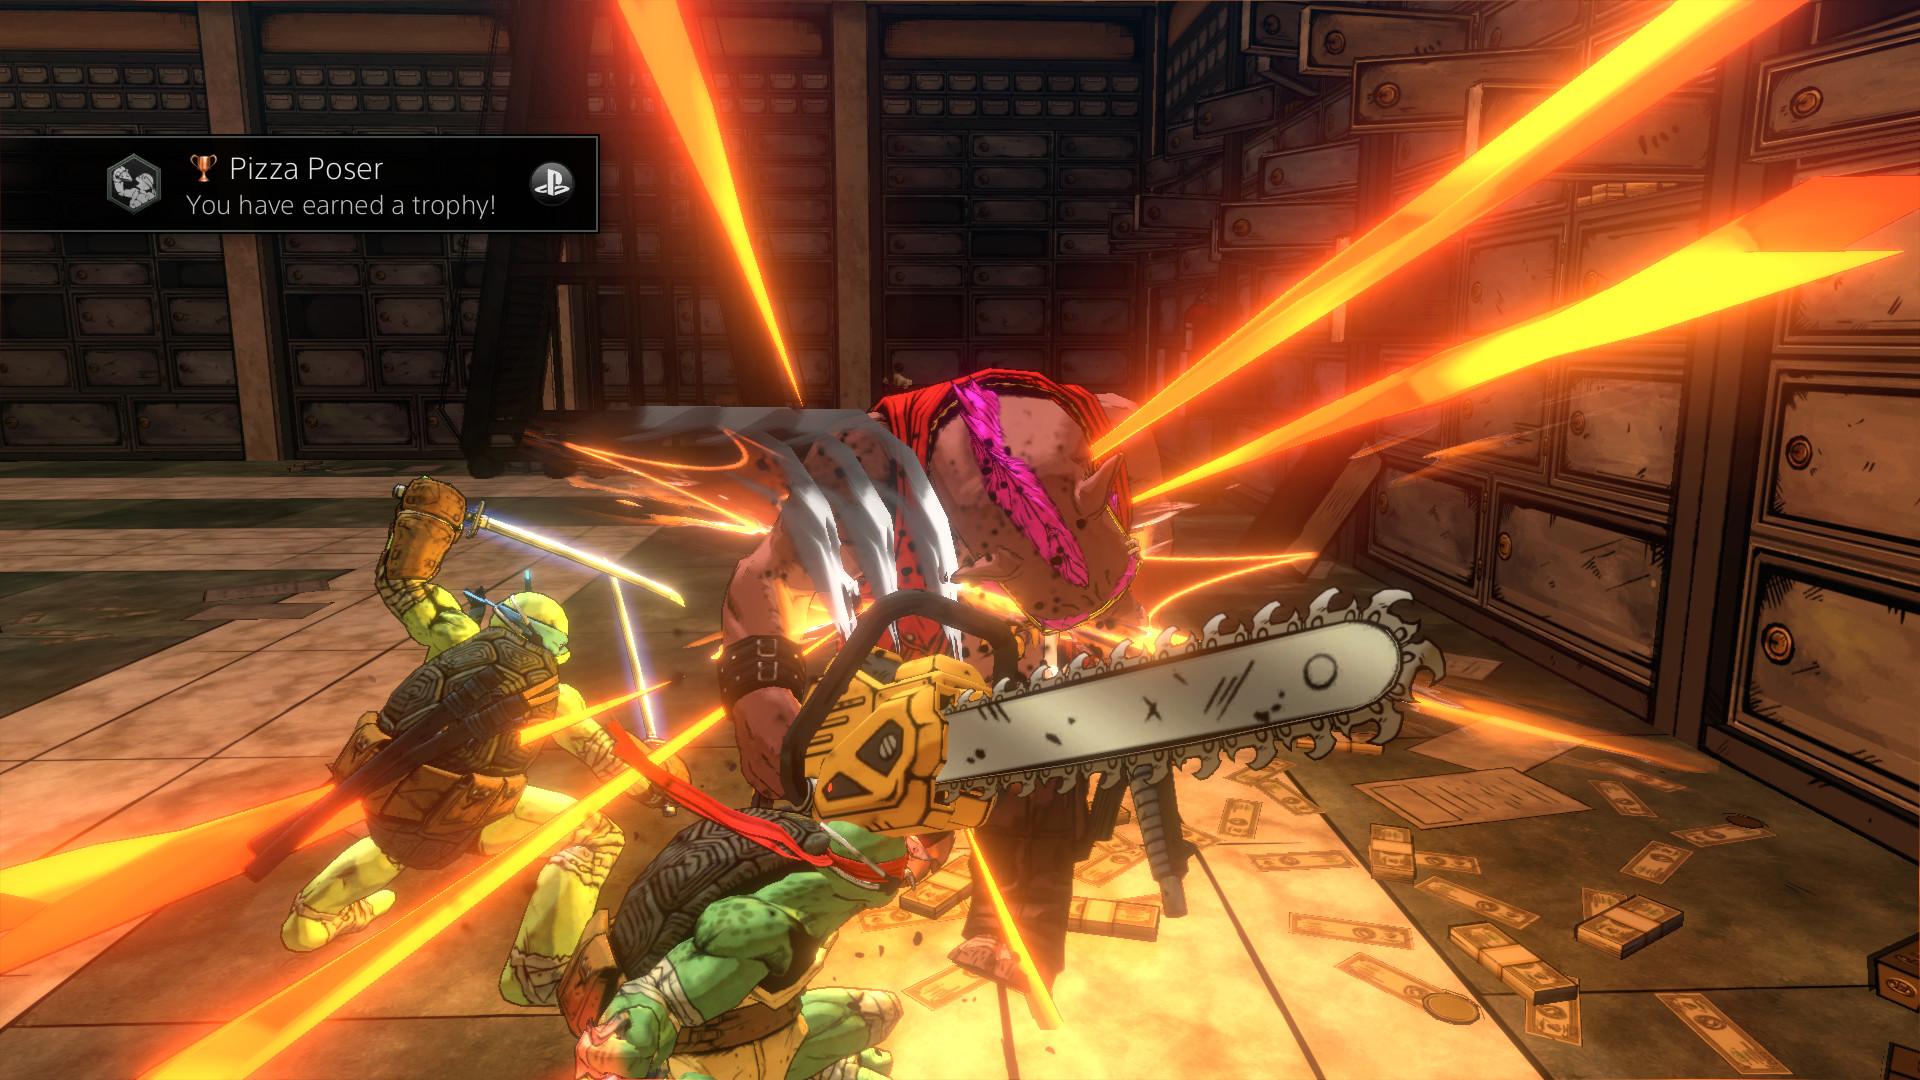 teenage mutant ninja turtles 2018 wallpaper 72 images